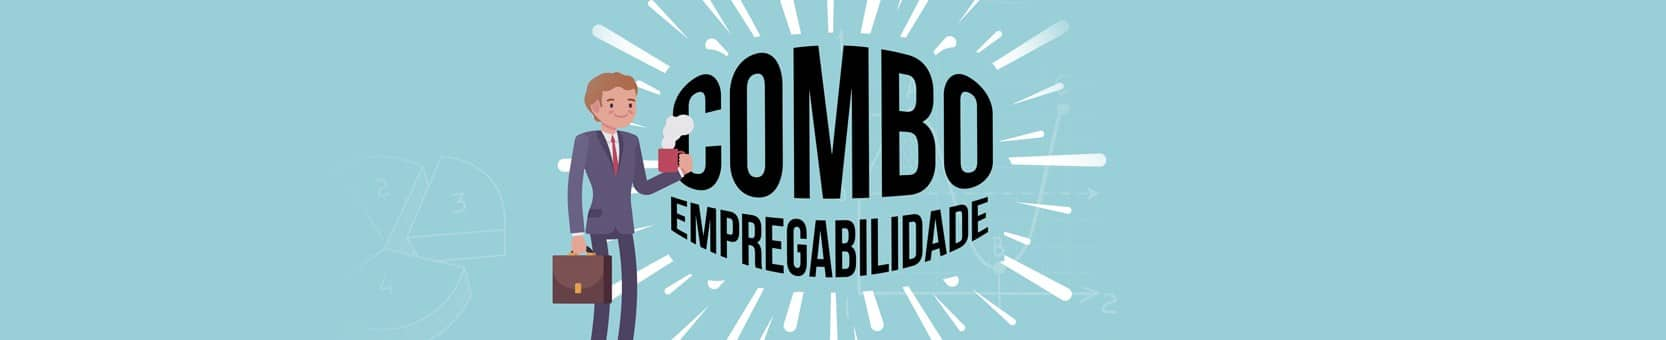 combo_empregabilidade_2